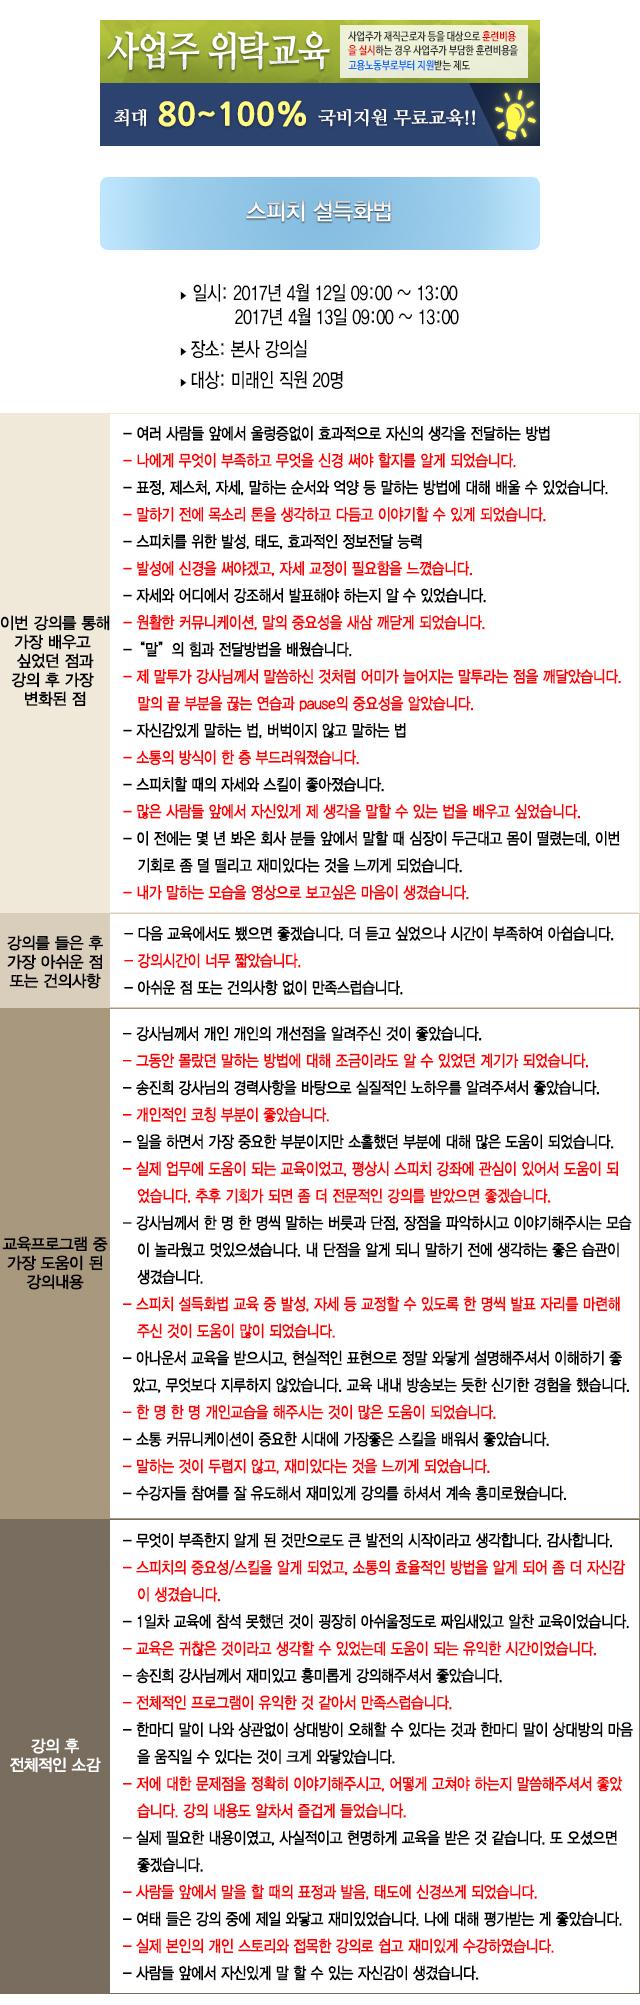 한국중앙인재개발원 후기 미래인.jpg